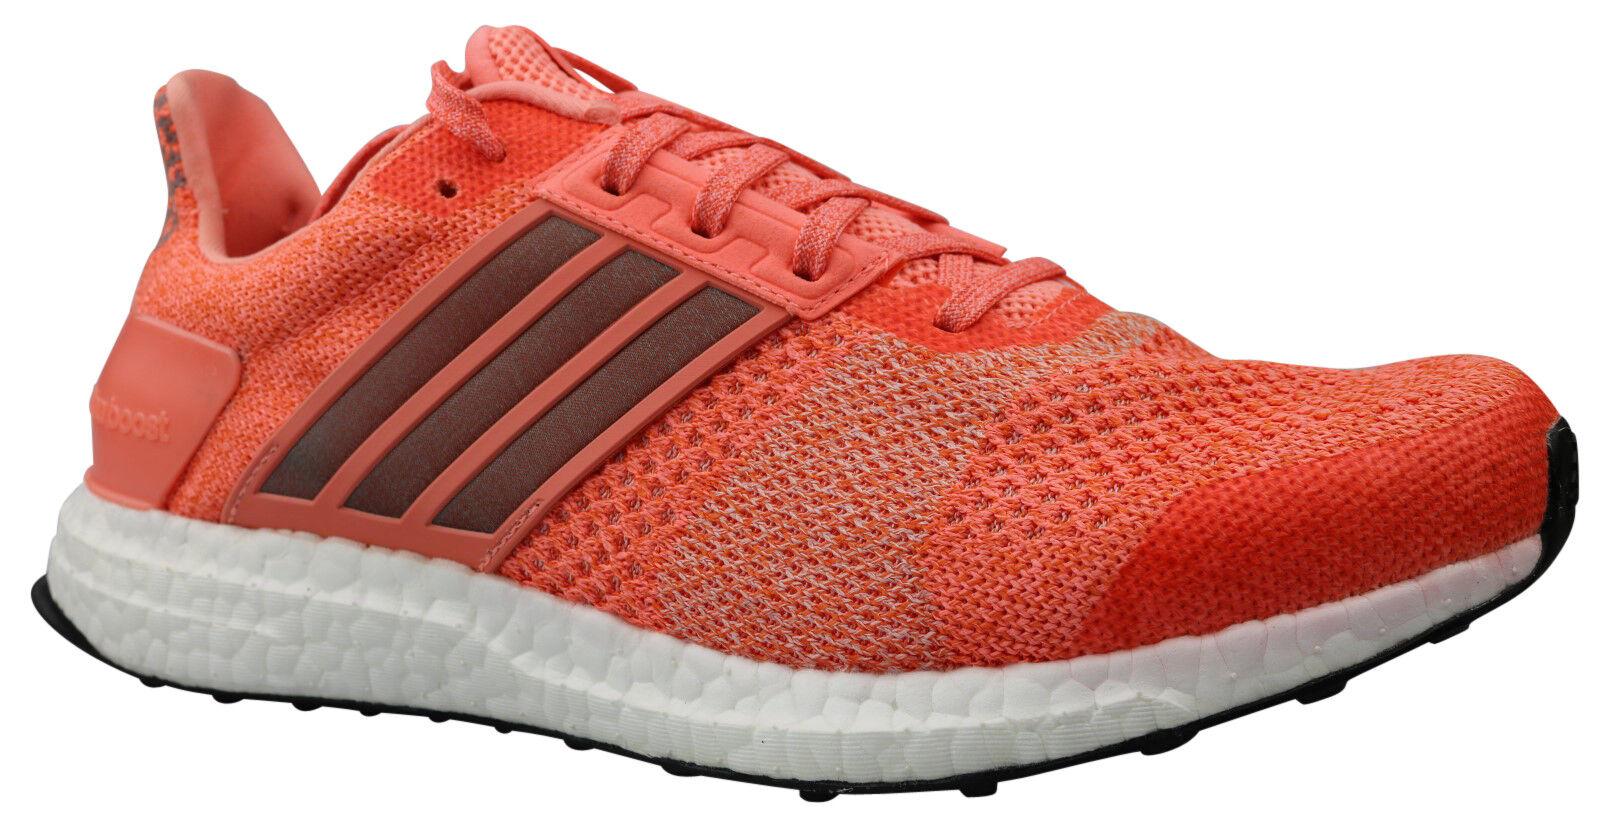 ADIDAS Running ULTRA BOOST ST Damen Running ADIDAS Sneaker Laufschuhe AF6522 Gr 37 - 45 NEU OVP 0a8c0c